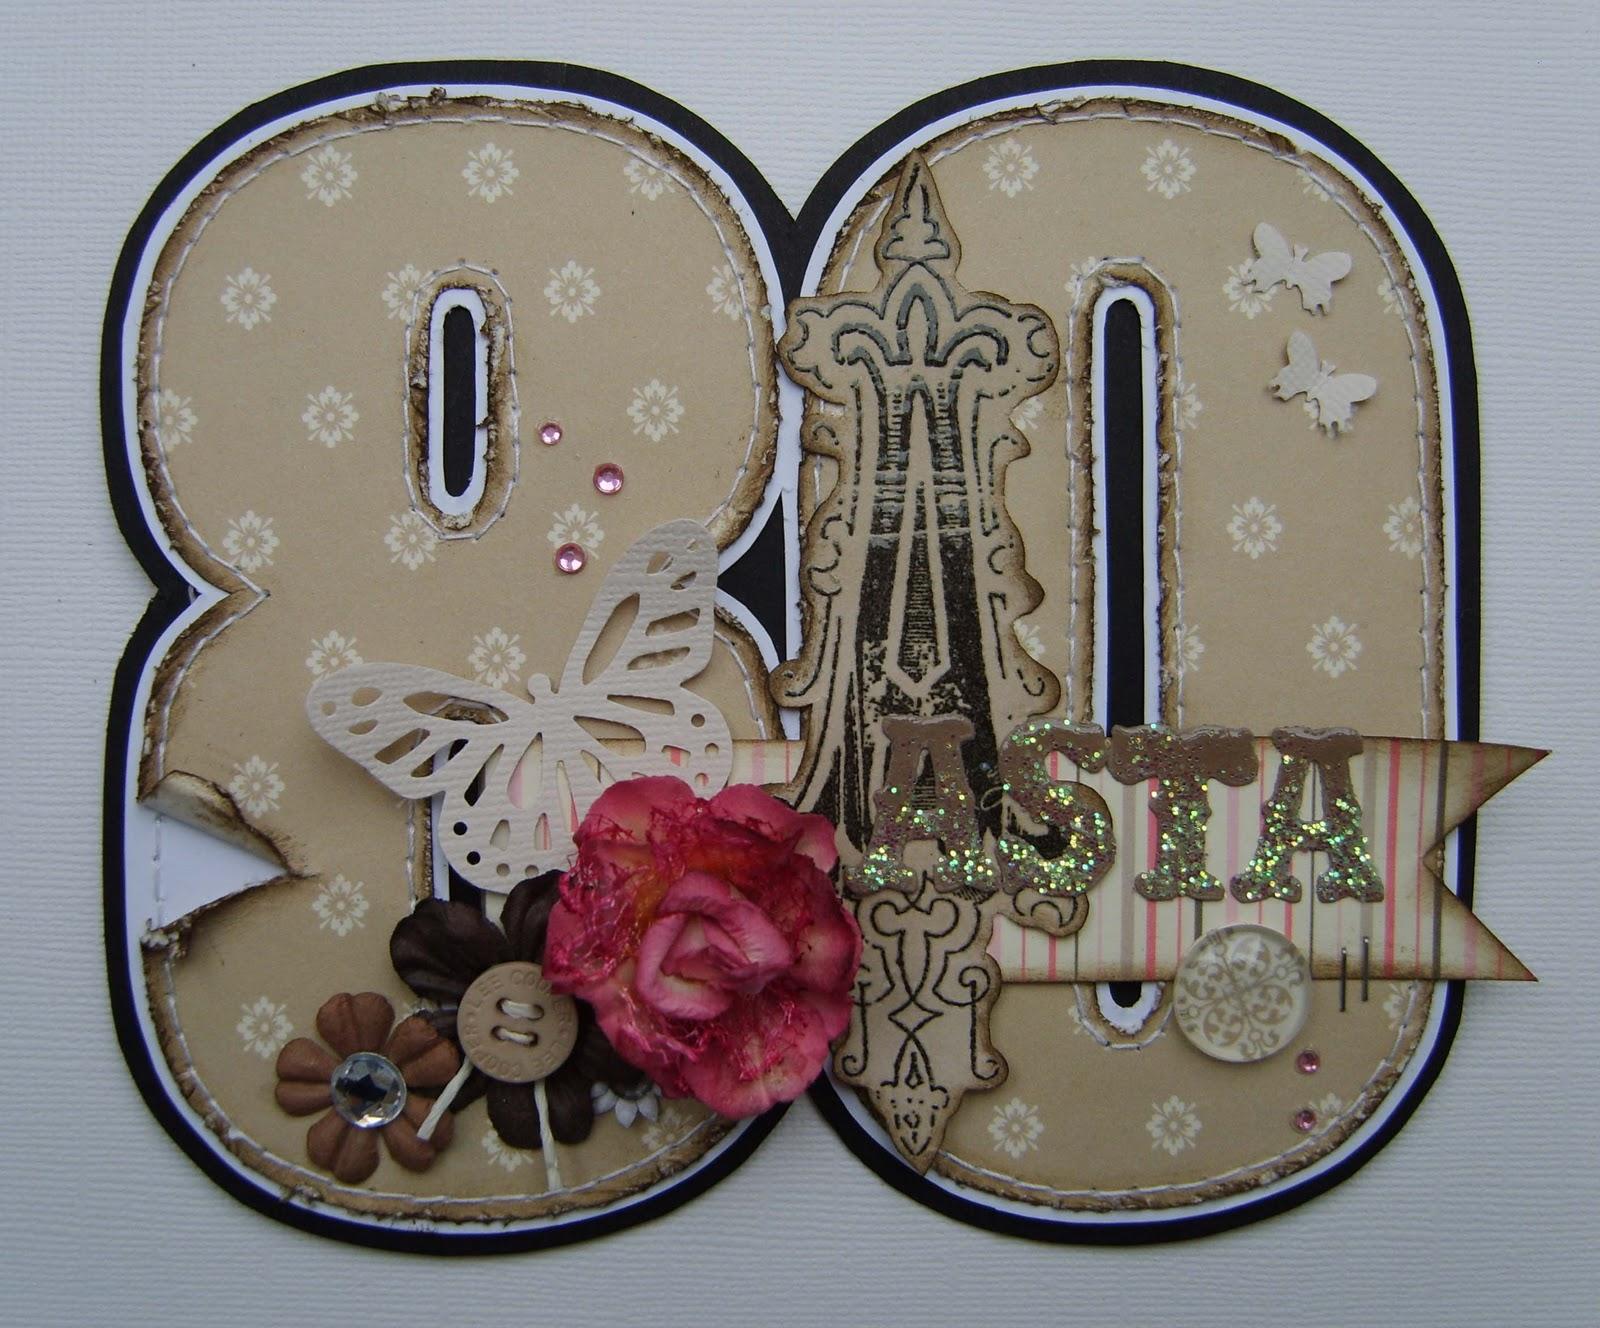 80 års kort byDonna: 80 års fødselsdagskort 80 års kort